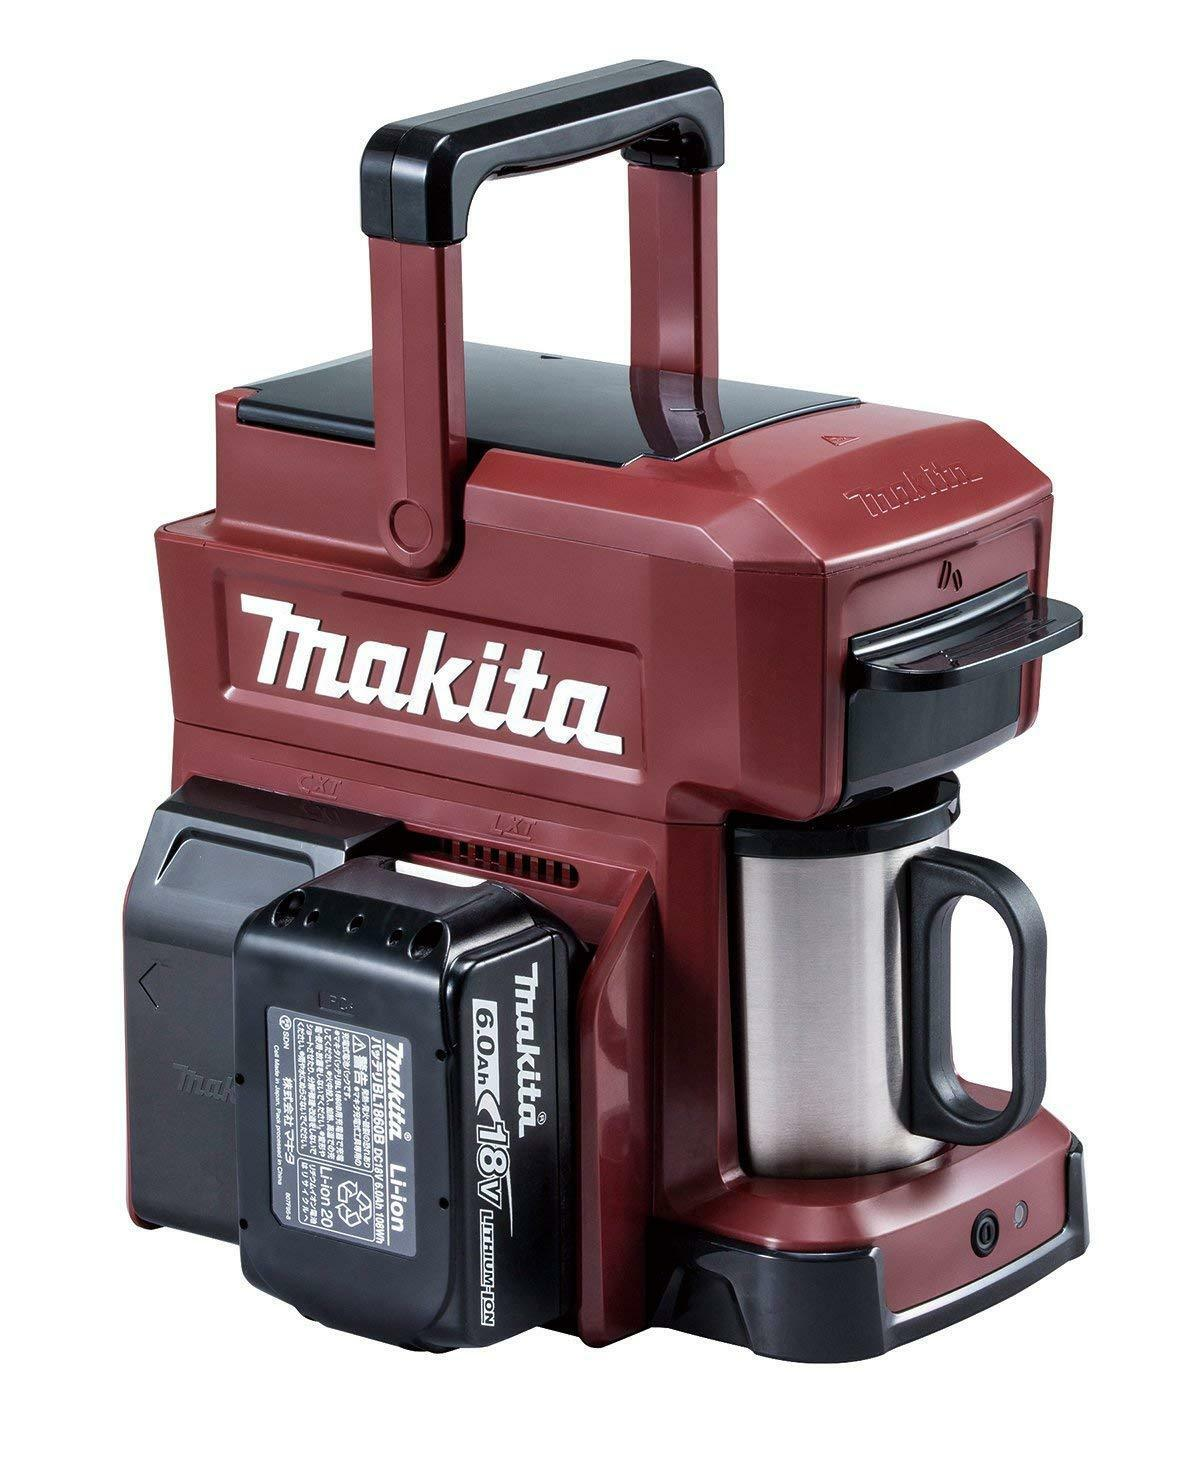 Makita CM 501 DZAR Portable Chargeur Cafetière Rouge Corps Seulement EMS avec suivi